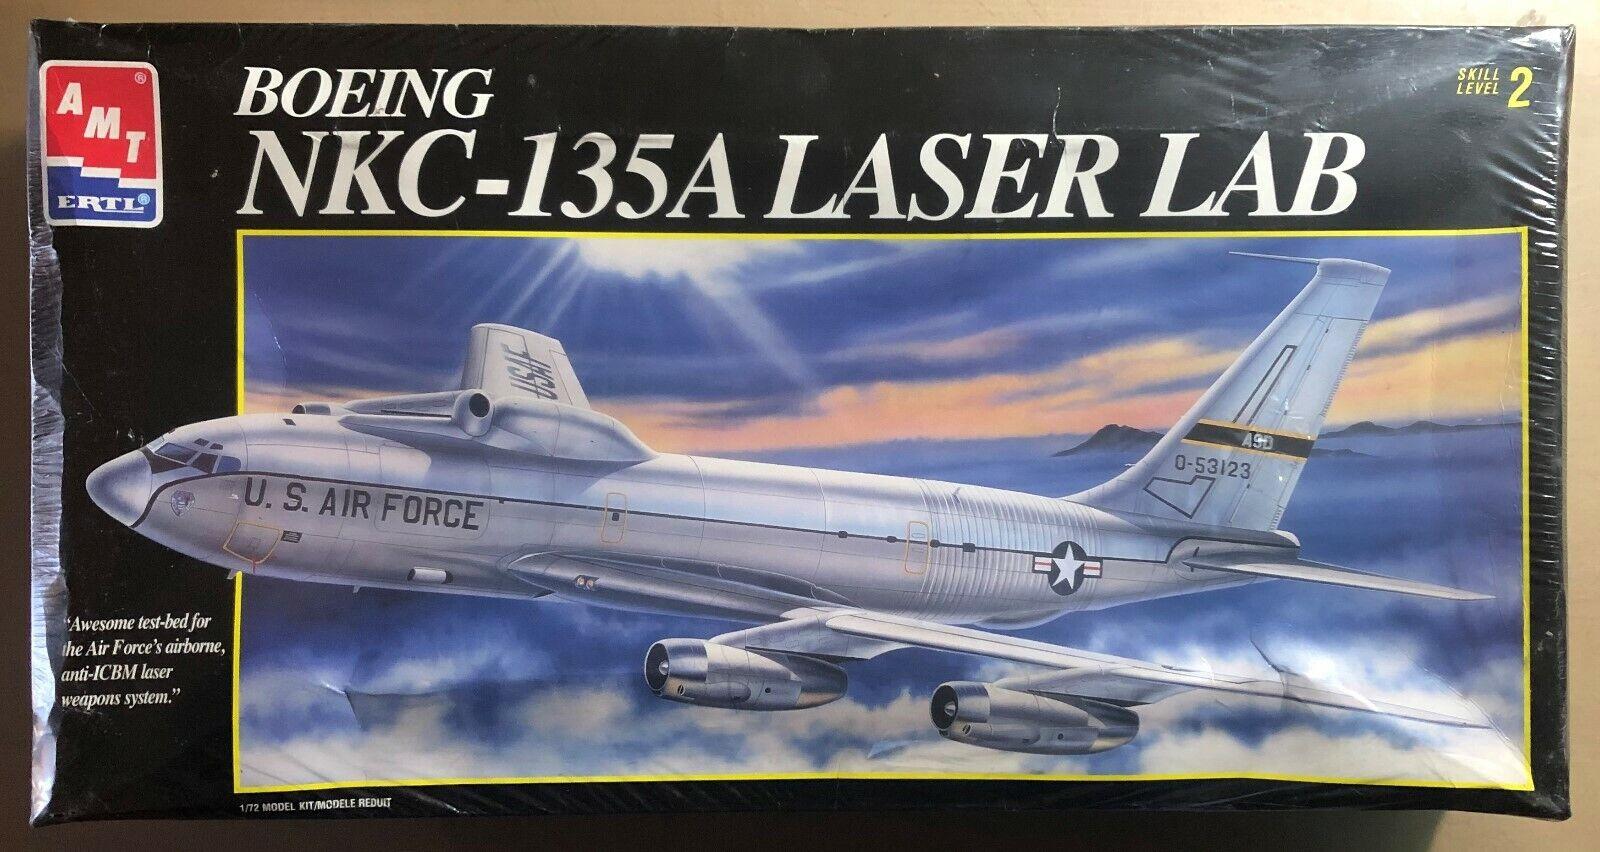 AMT ERTL 8958 - BOEING NKC-135A LASER LAB - 1  72 PLASTIC KIT  être en grande demande